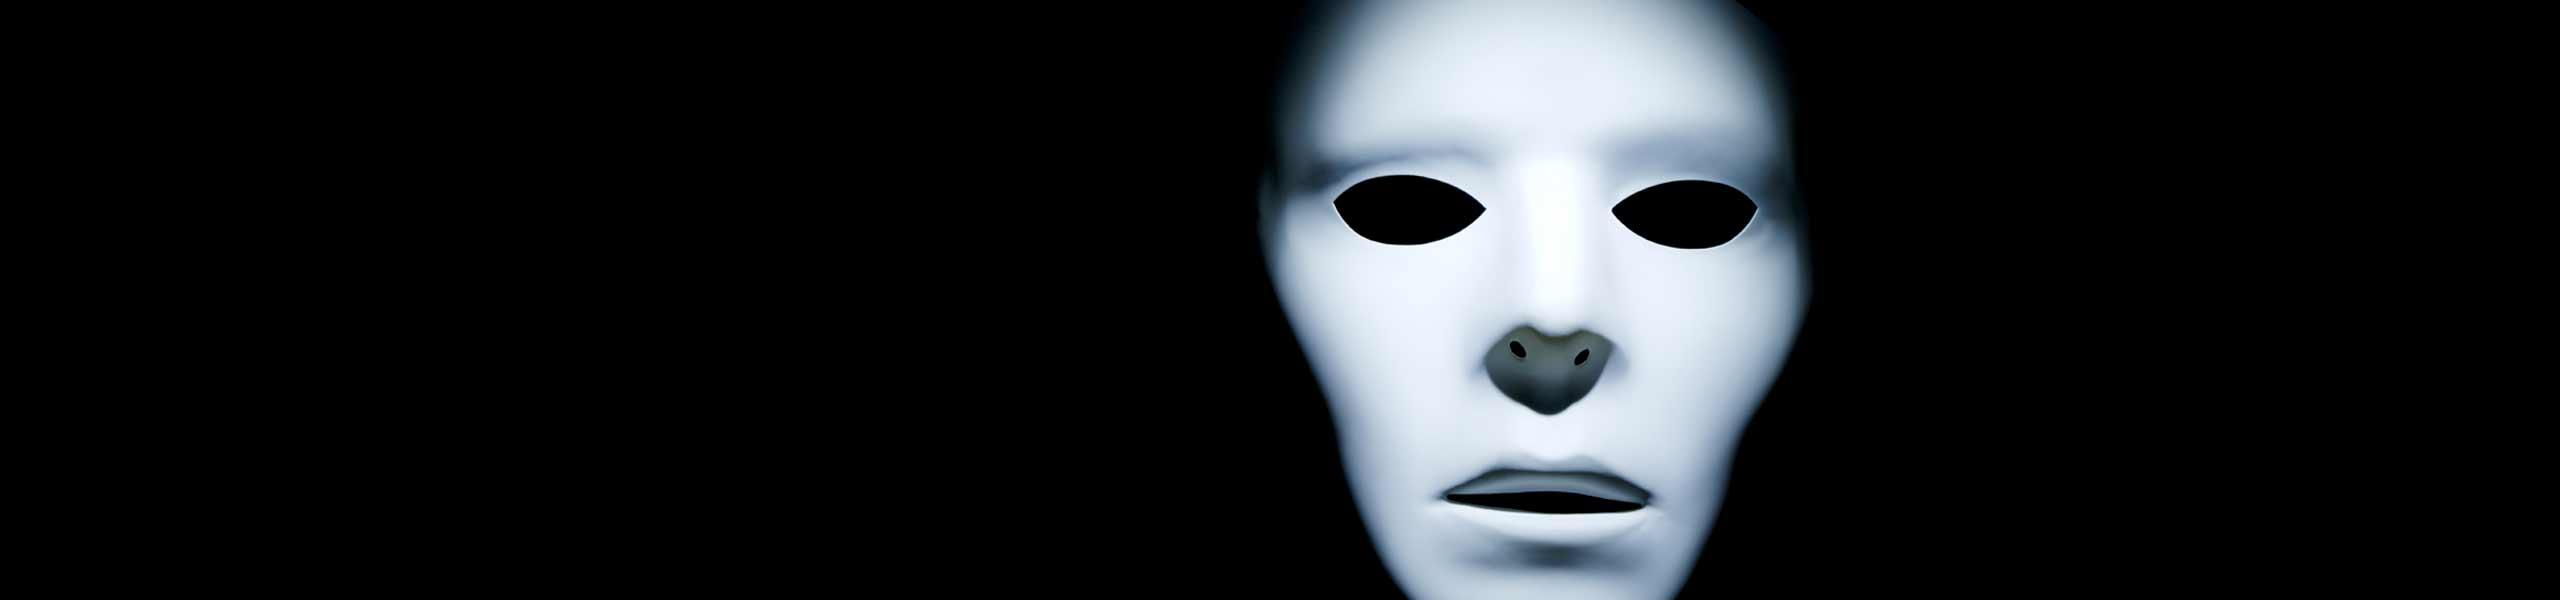 Dark Patterns - The Art of Online Deception